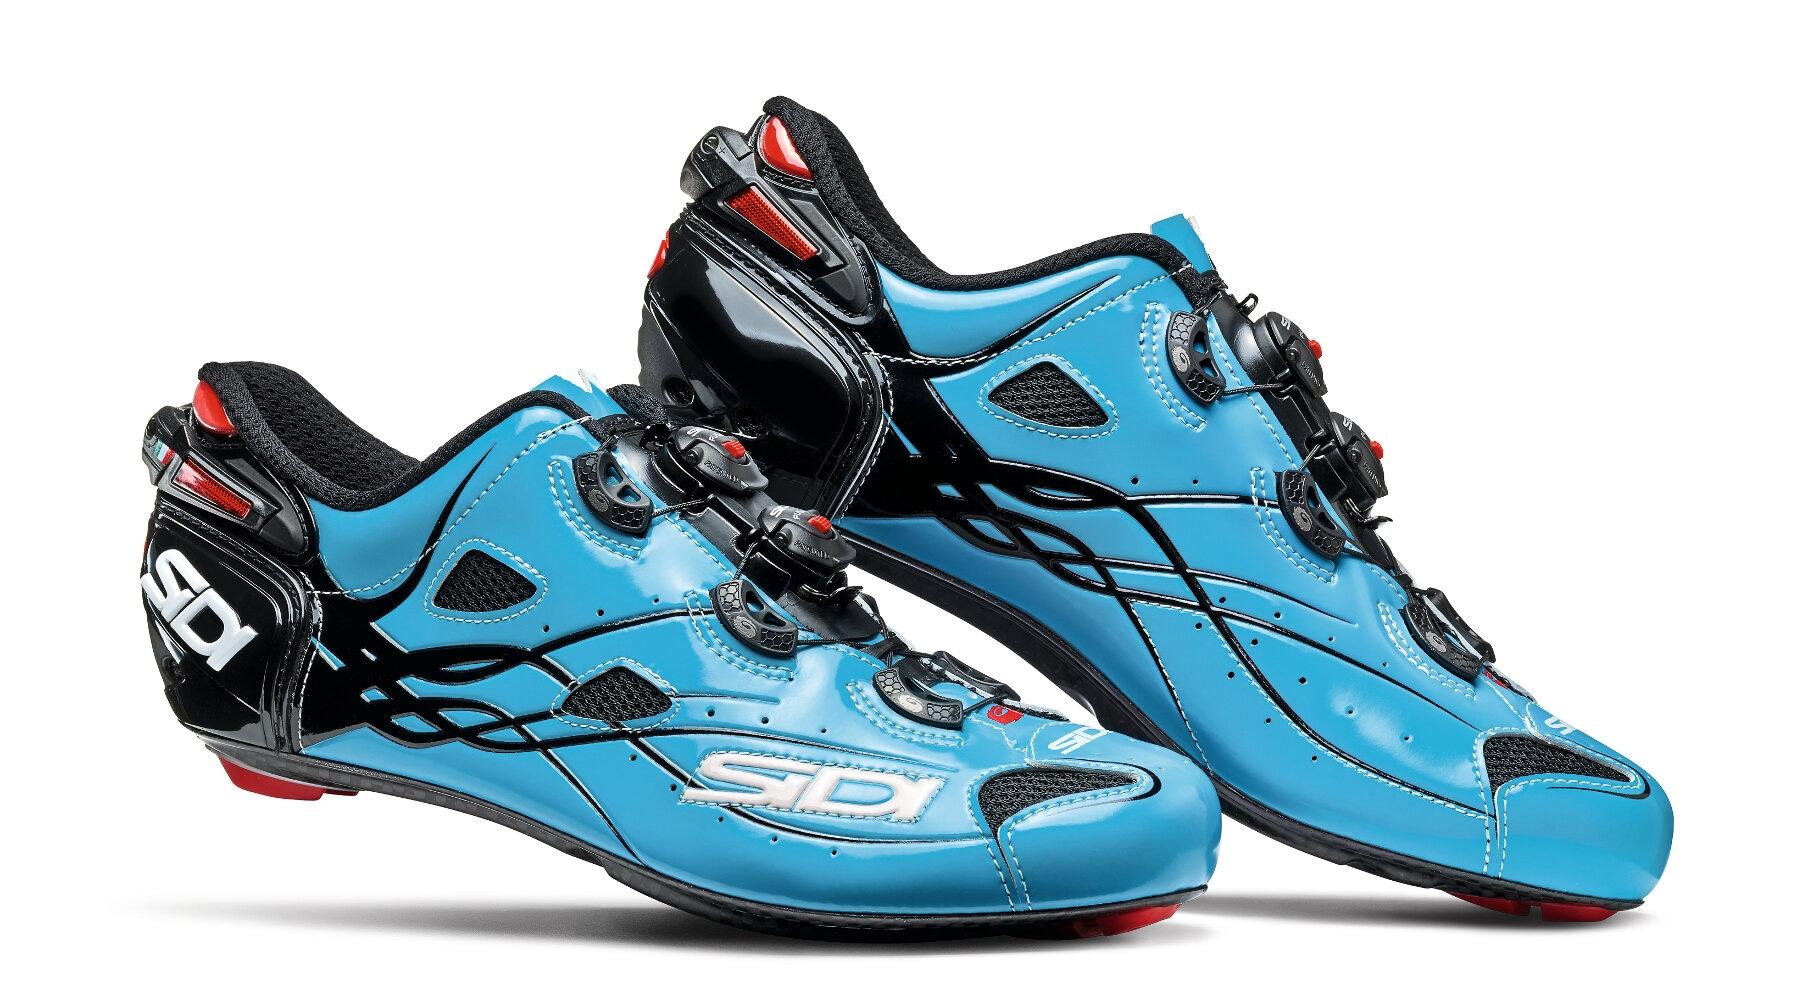 Chaussures Sidi SHOT Bleu Sky/Noir - 42